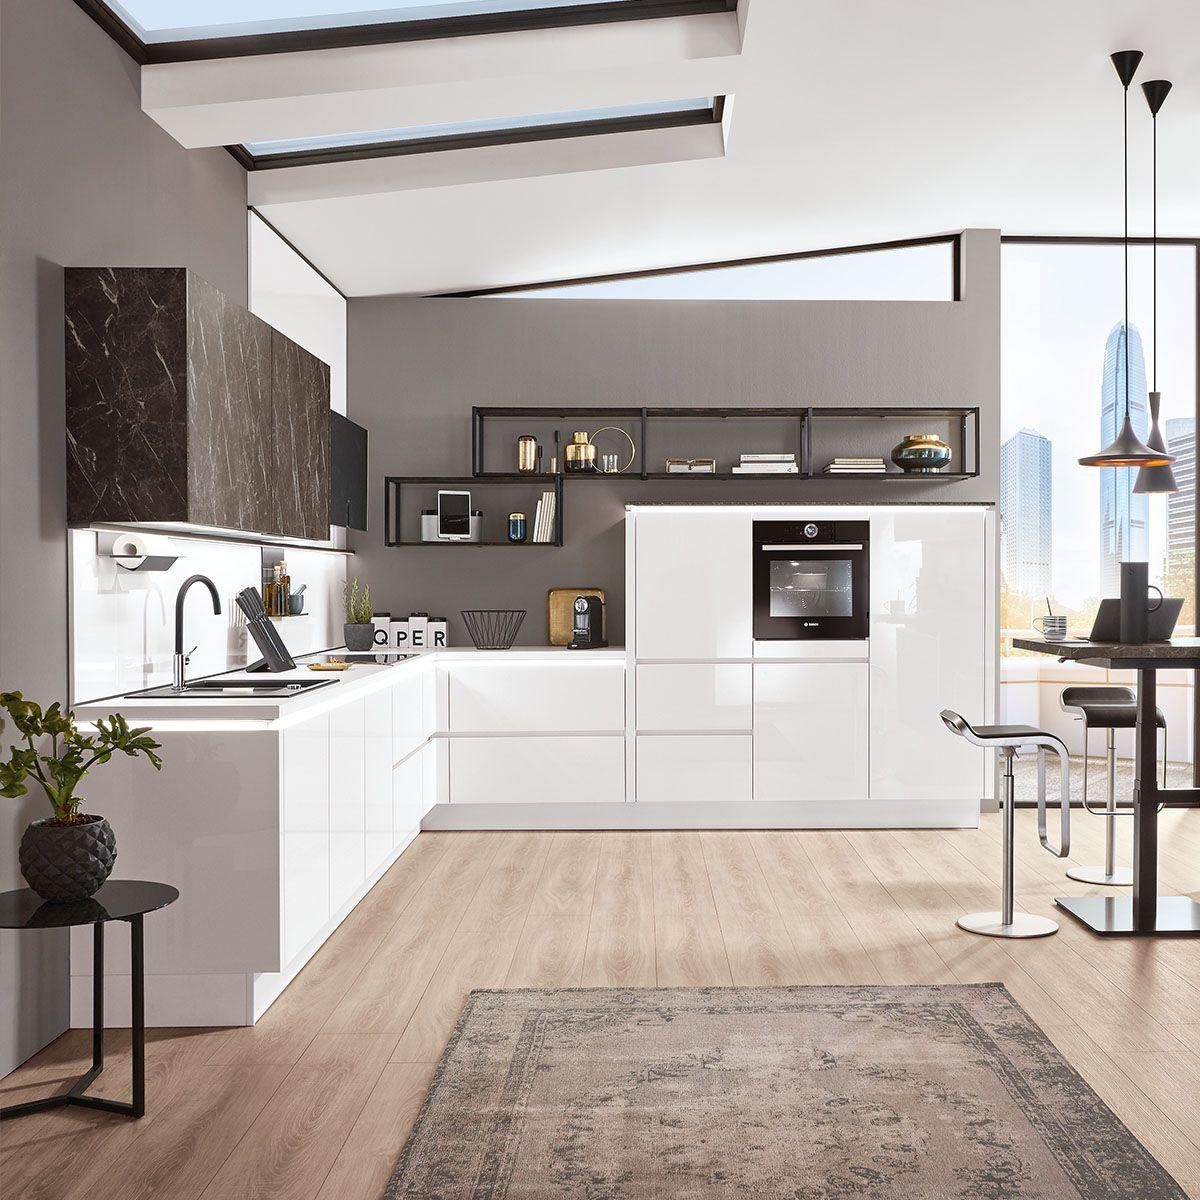 Einbaukuche Online Kaufen Xxxlutz In 2020 Einbaukuche Kuche Zuhause